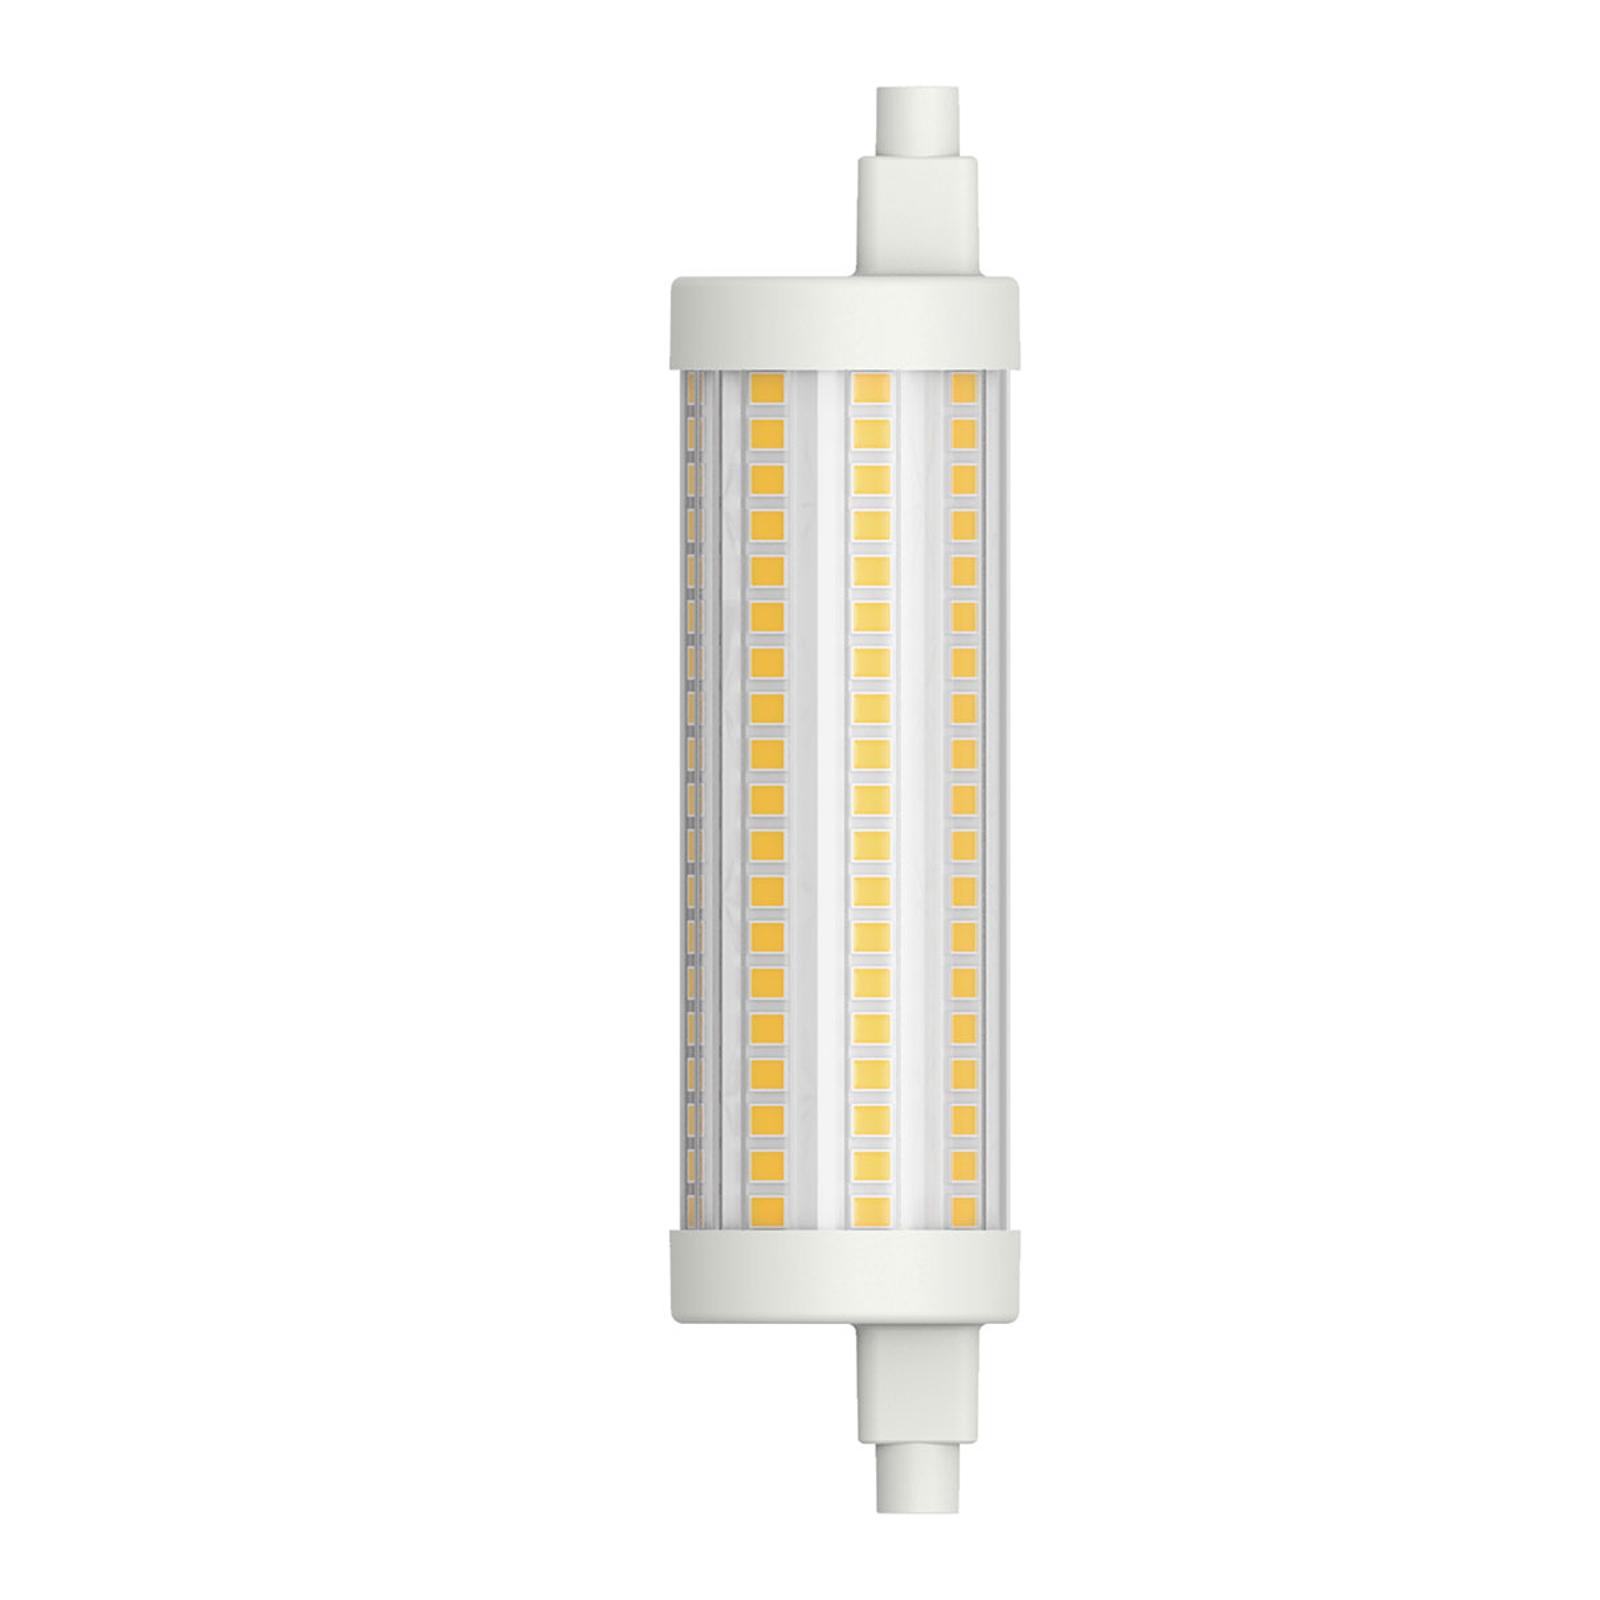 LED-stav R7s 117,6 mm 15 W varmvit dimbar